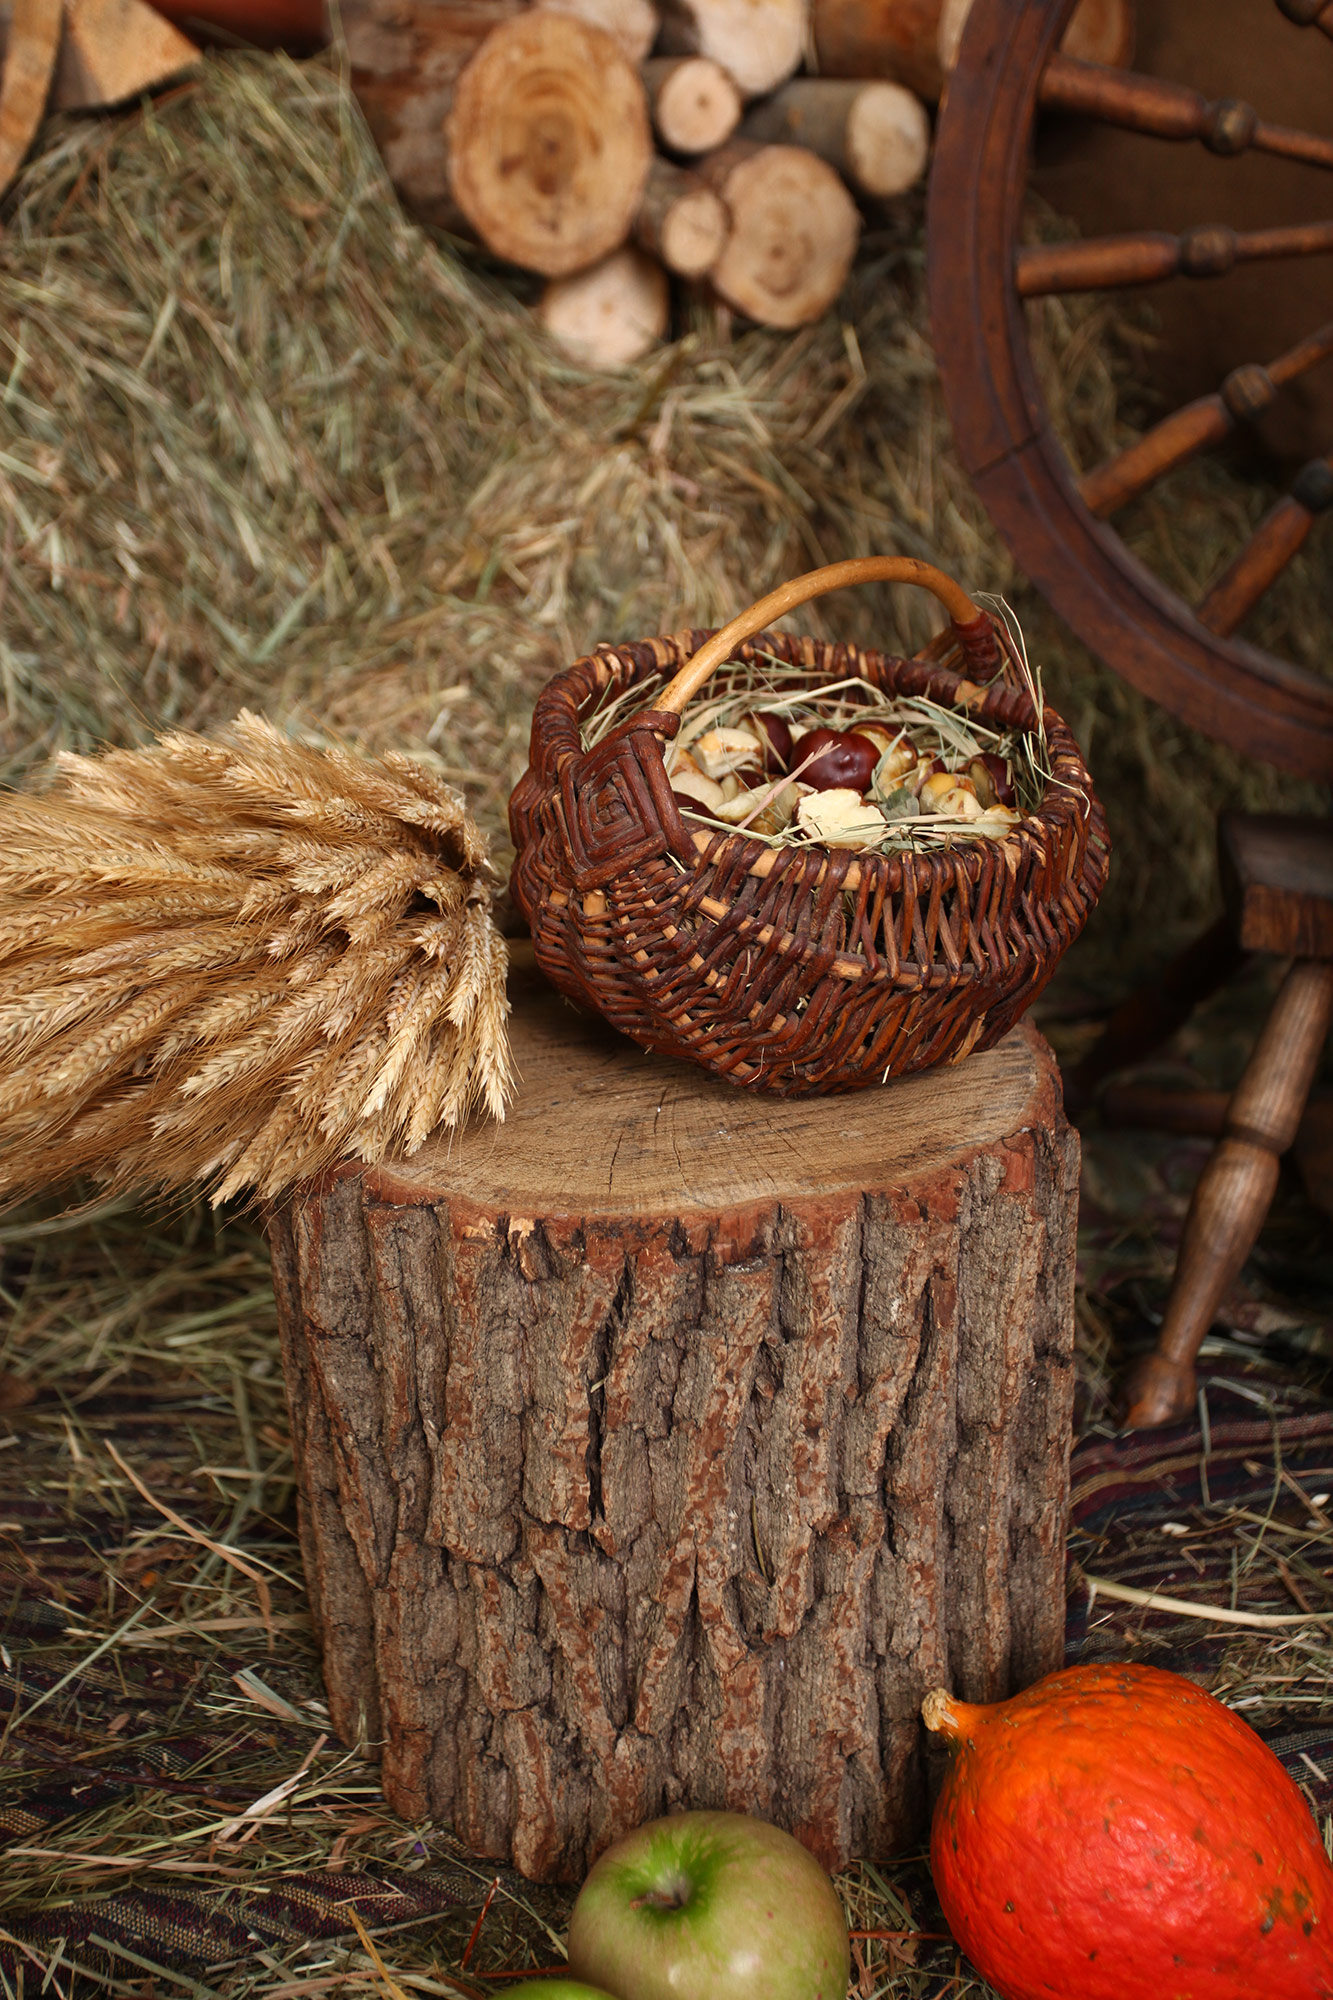 реквизит пенёк для деревянной фото зоны в студии киев